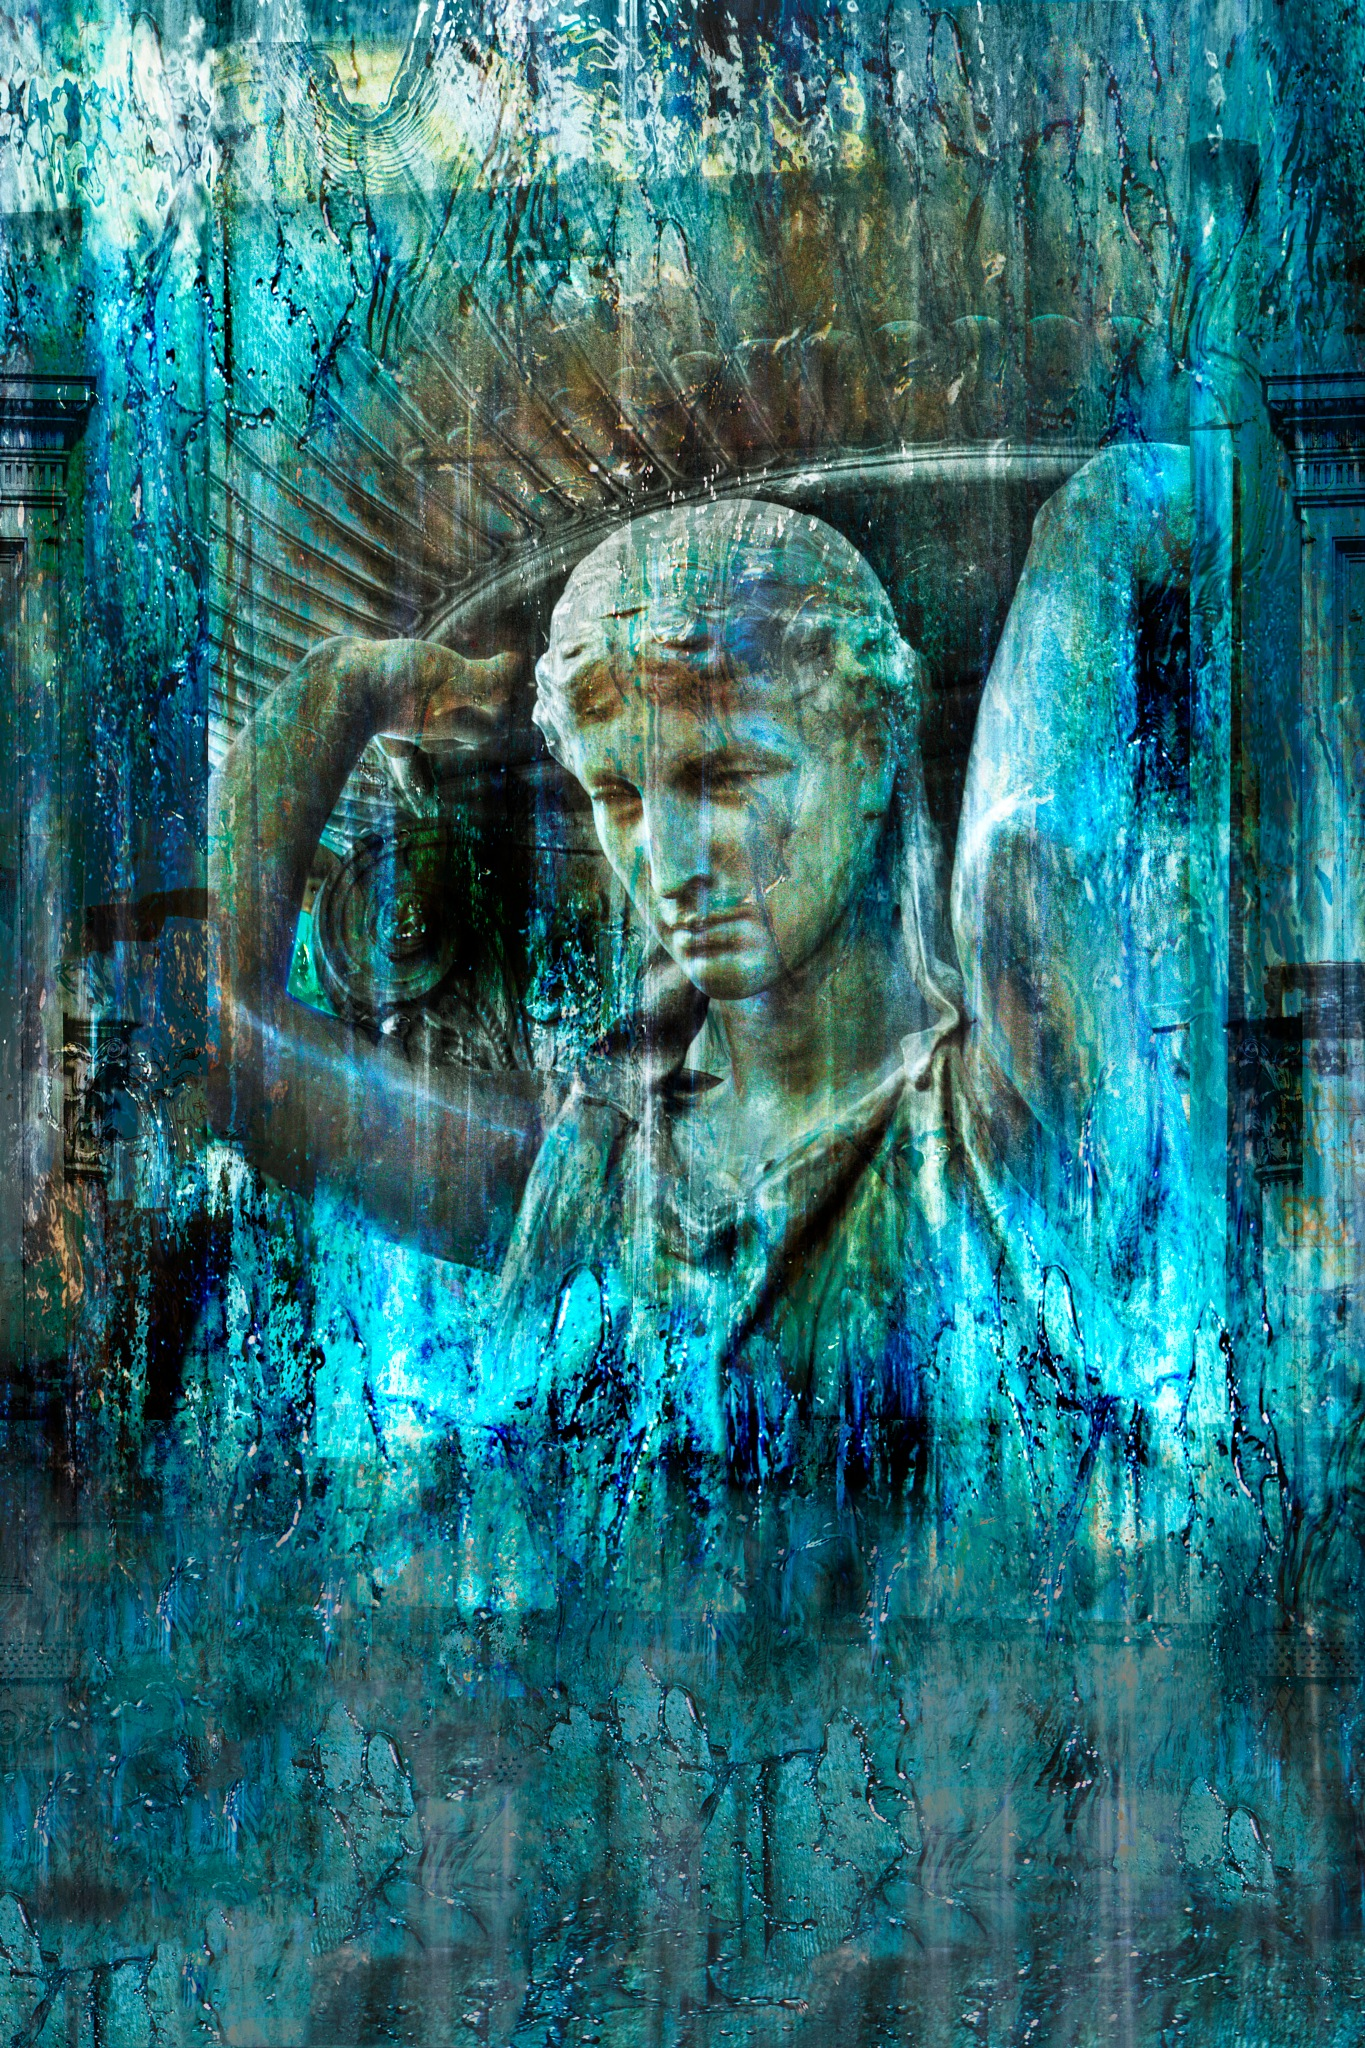 Untitled by gene.dockery